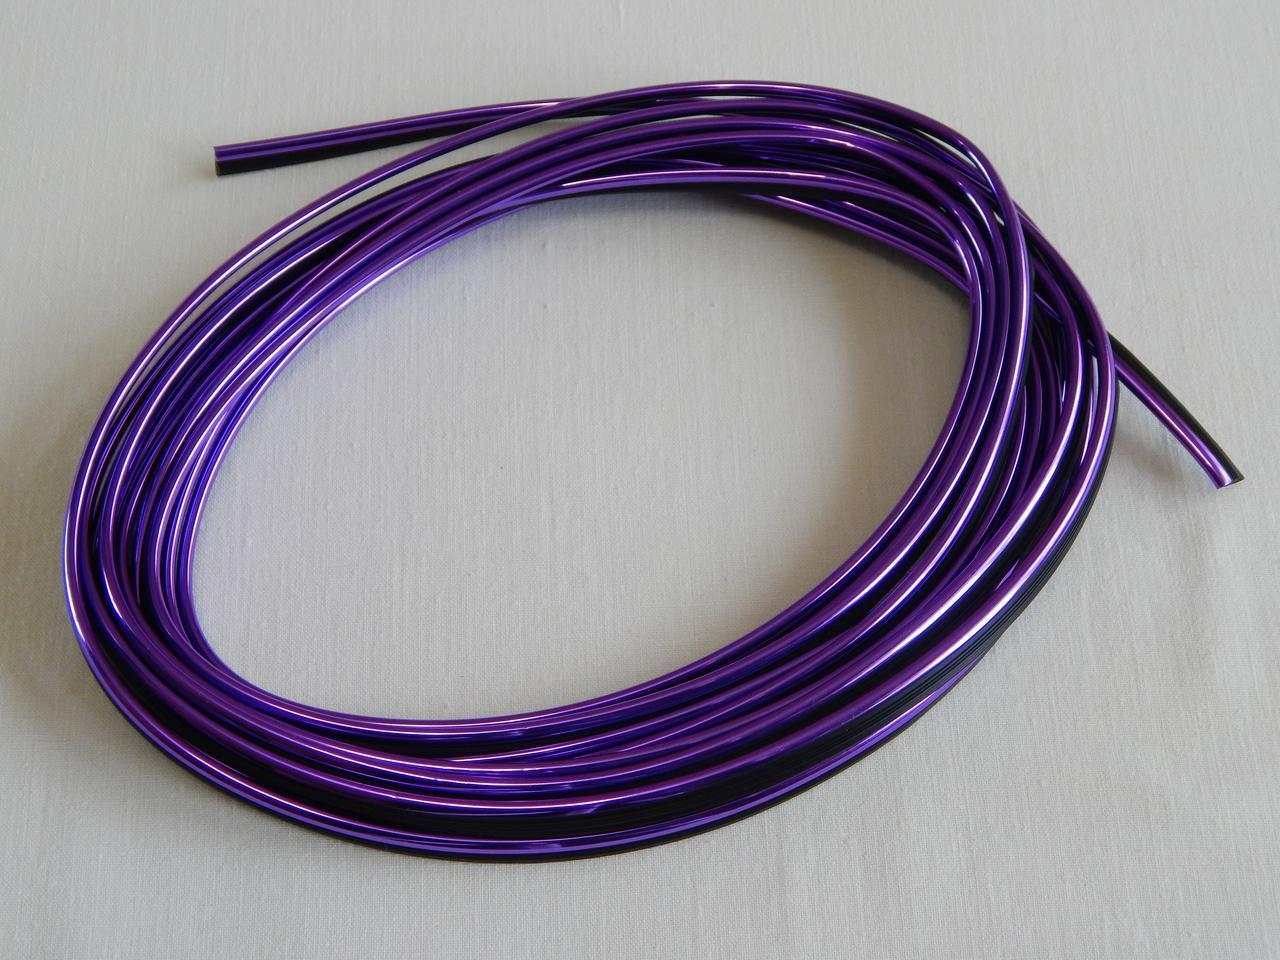 Молдинг декоративний для салону автомобіля ZIRY 5м, фіолетовий металік